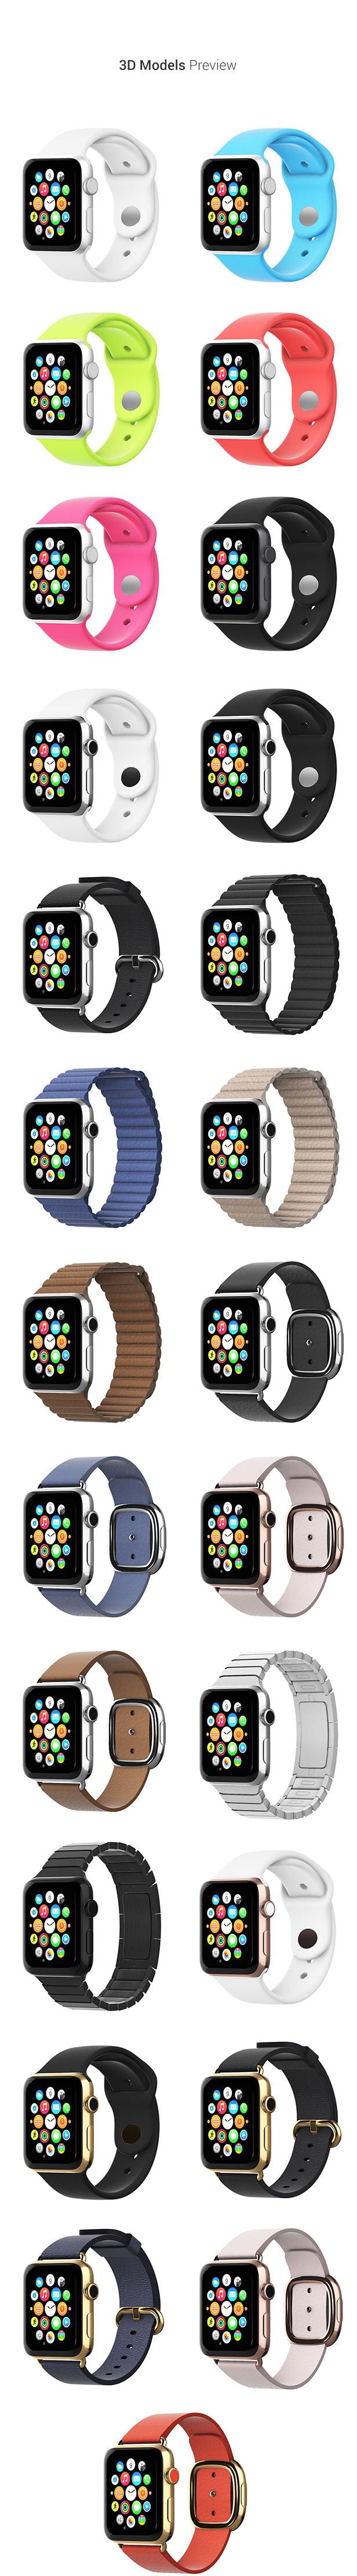 Apple watch 3D Models for Element 3D